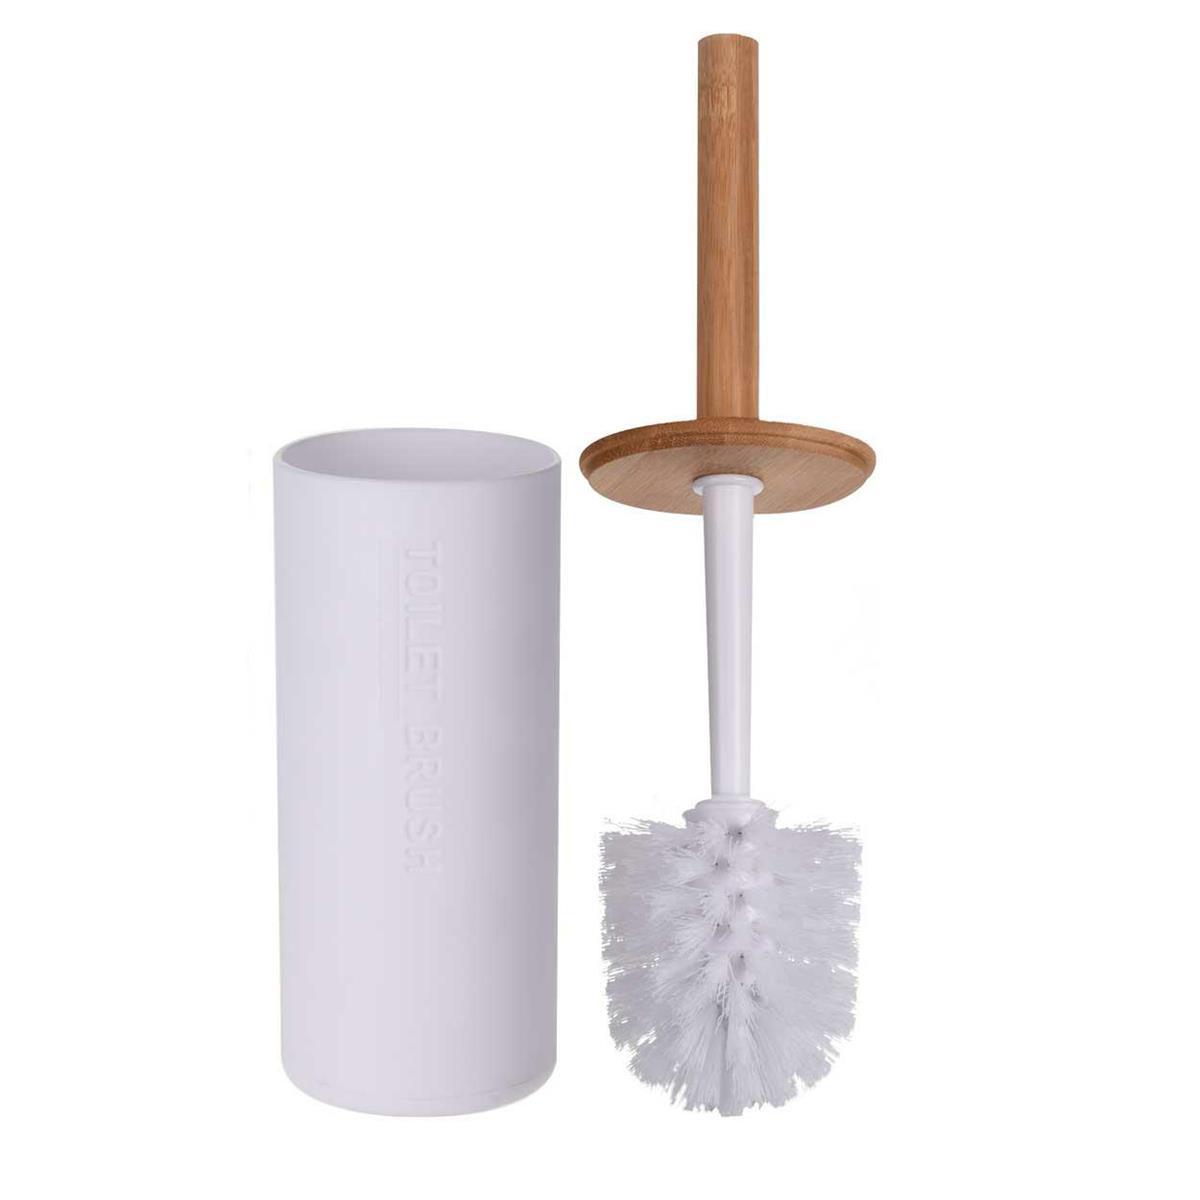 Szczotka toaletowa biała drewniana